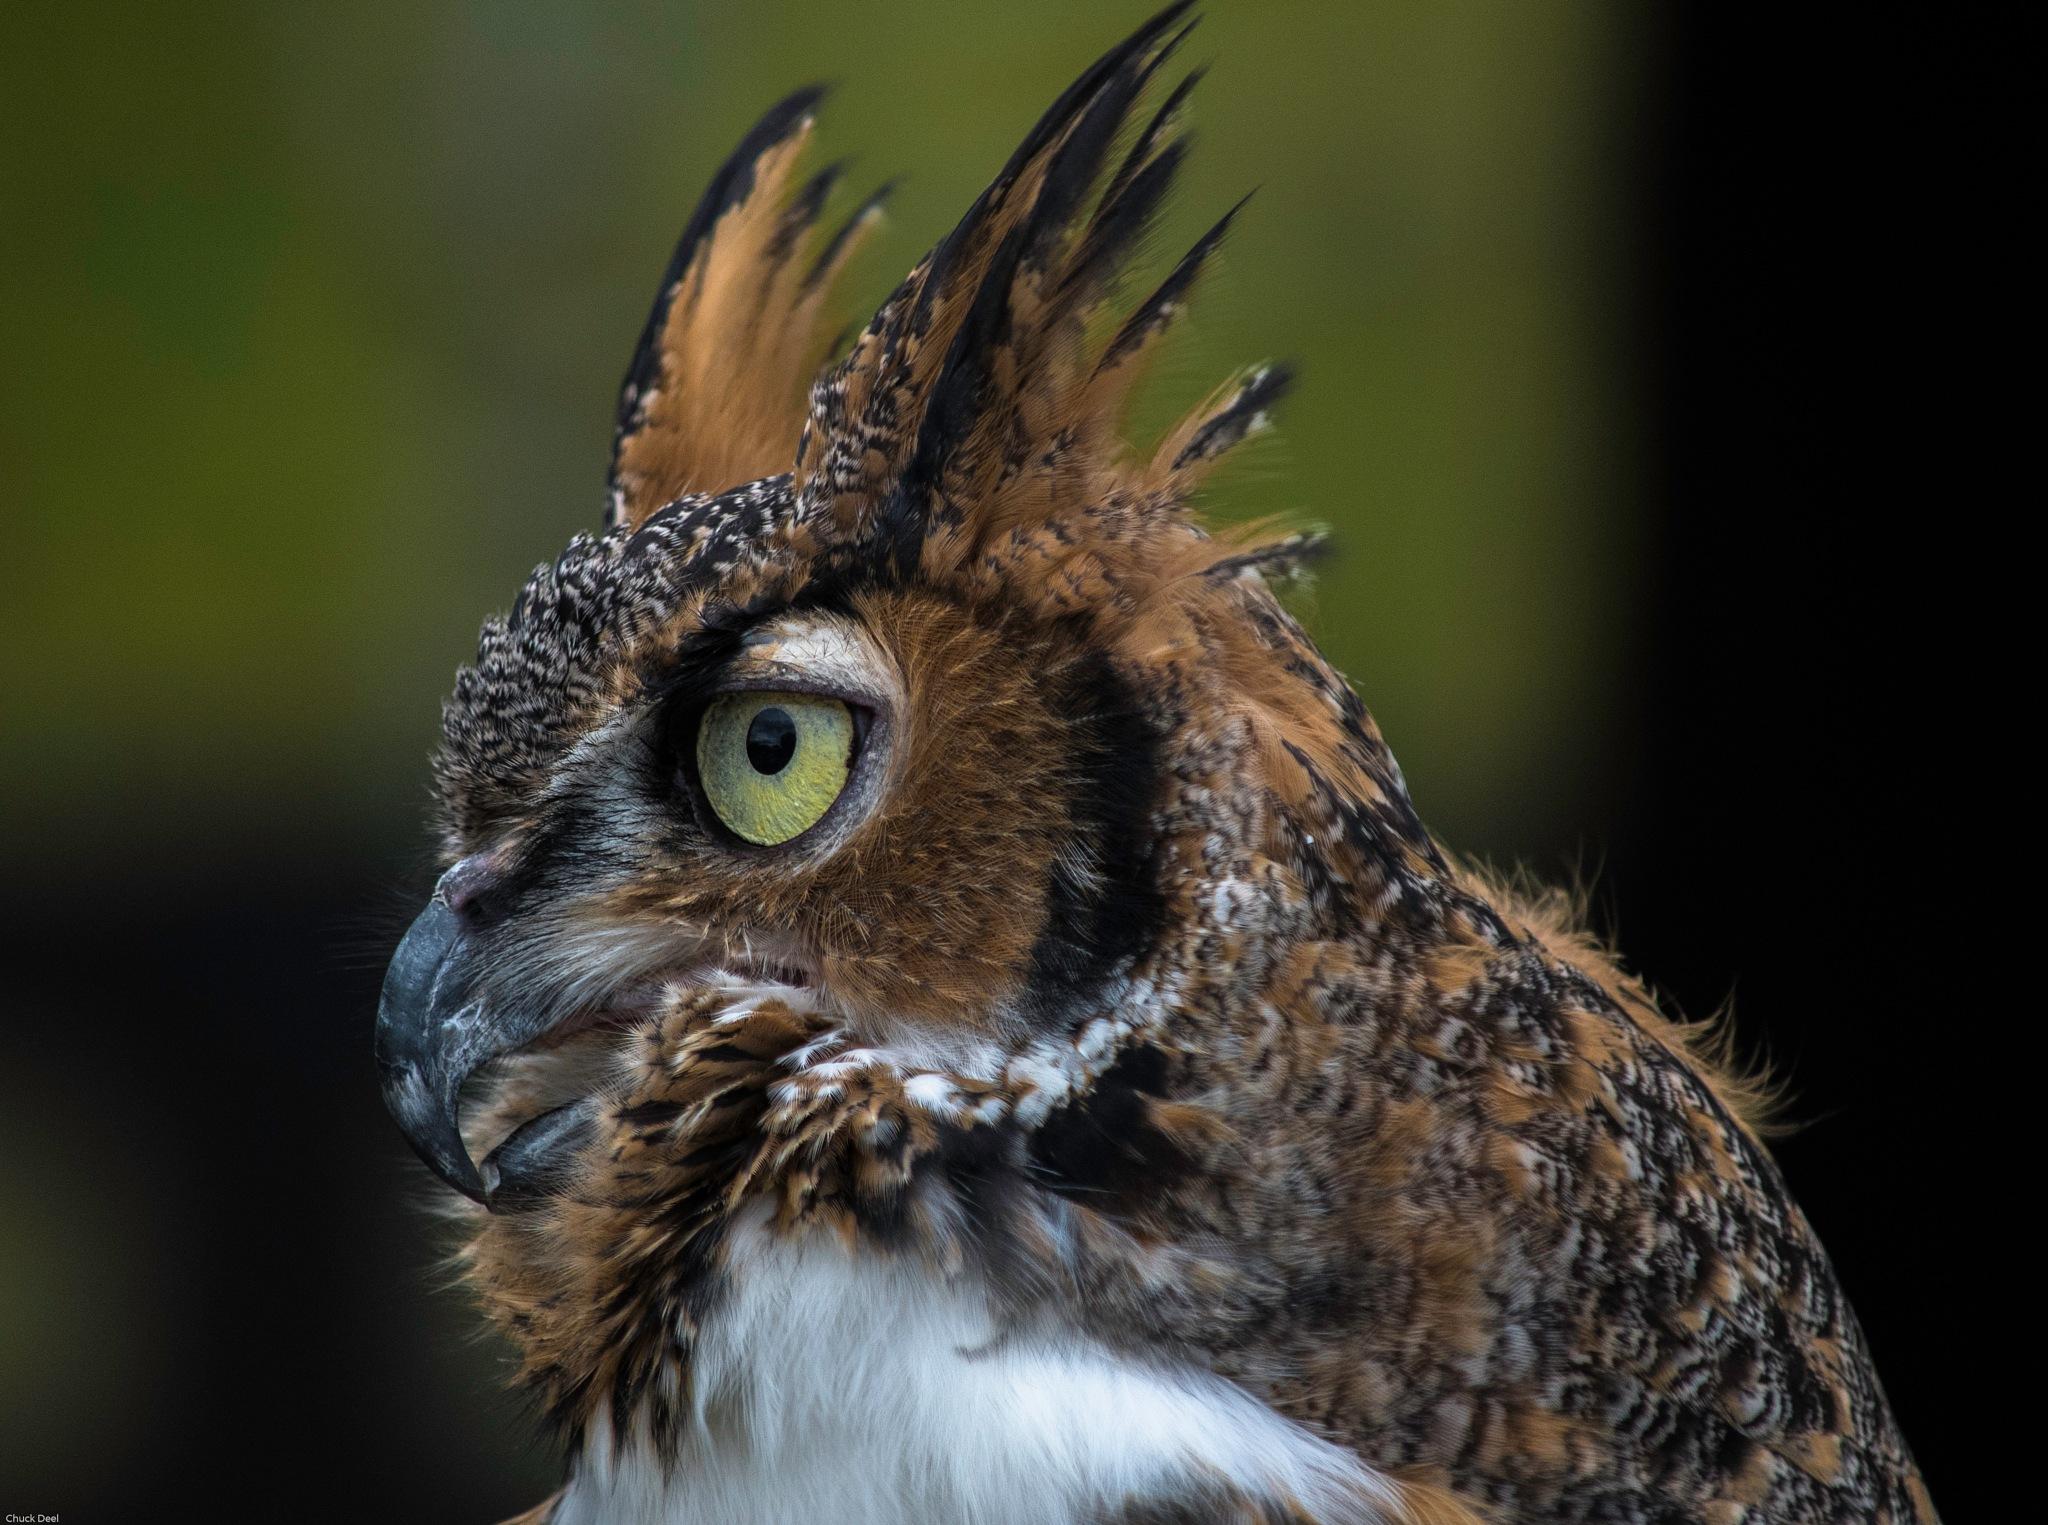 Louisville KY Owl by Chuck Deel-Angie Deel